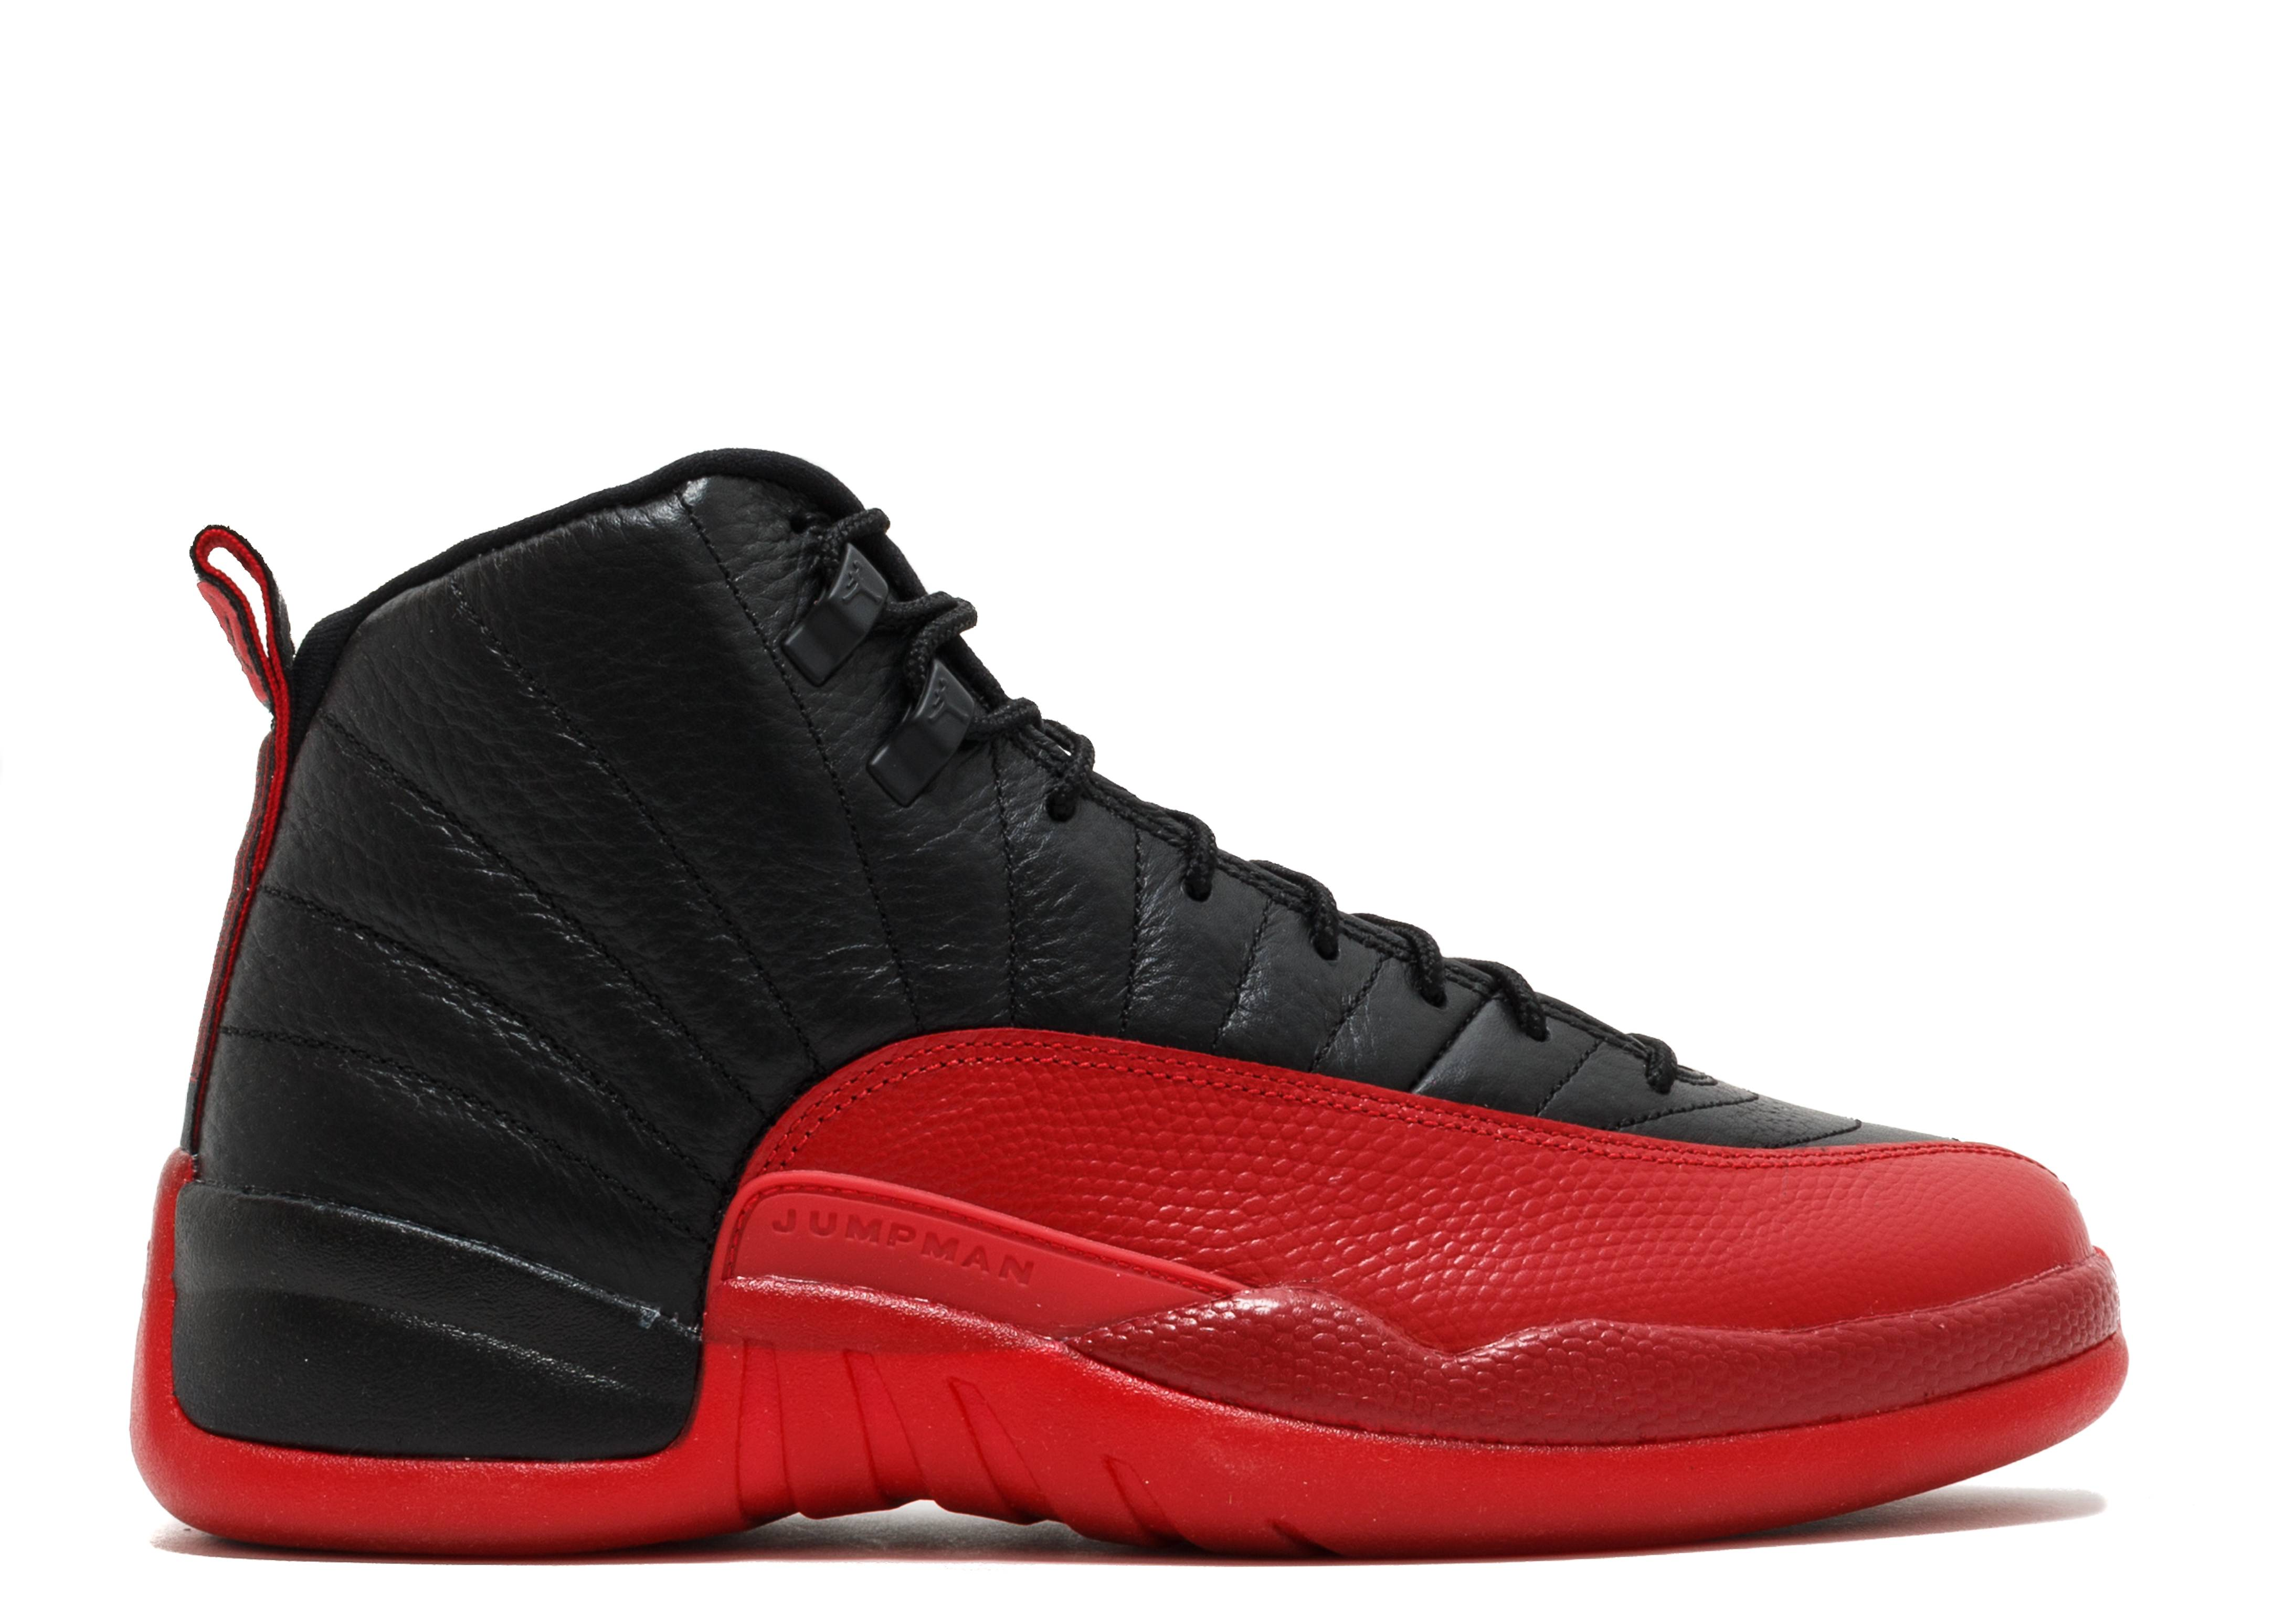 Jordan 12 Retro 2016